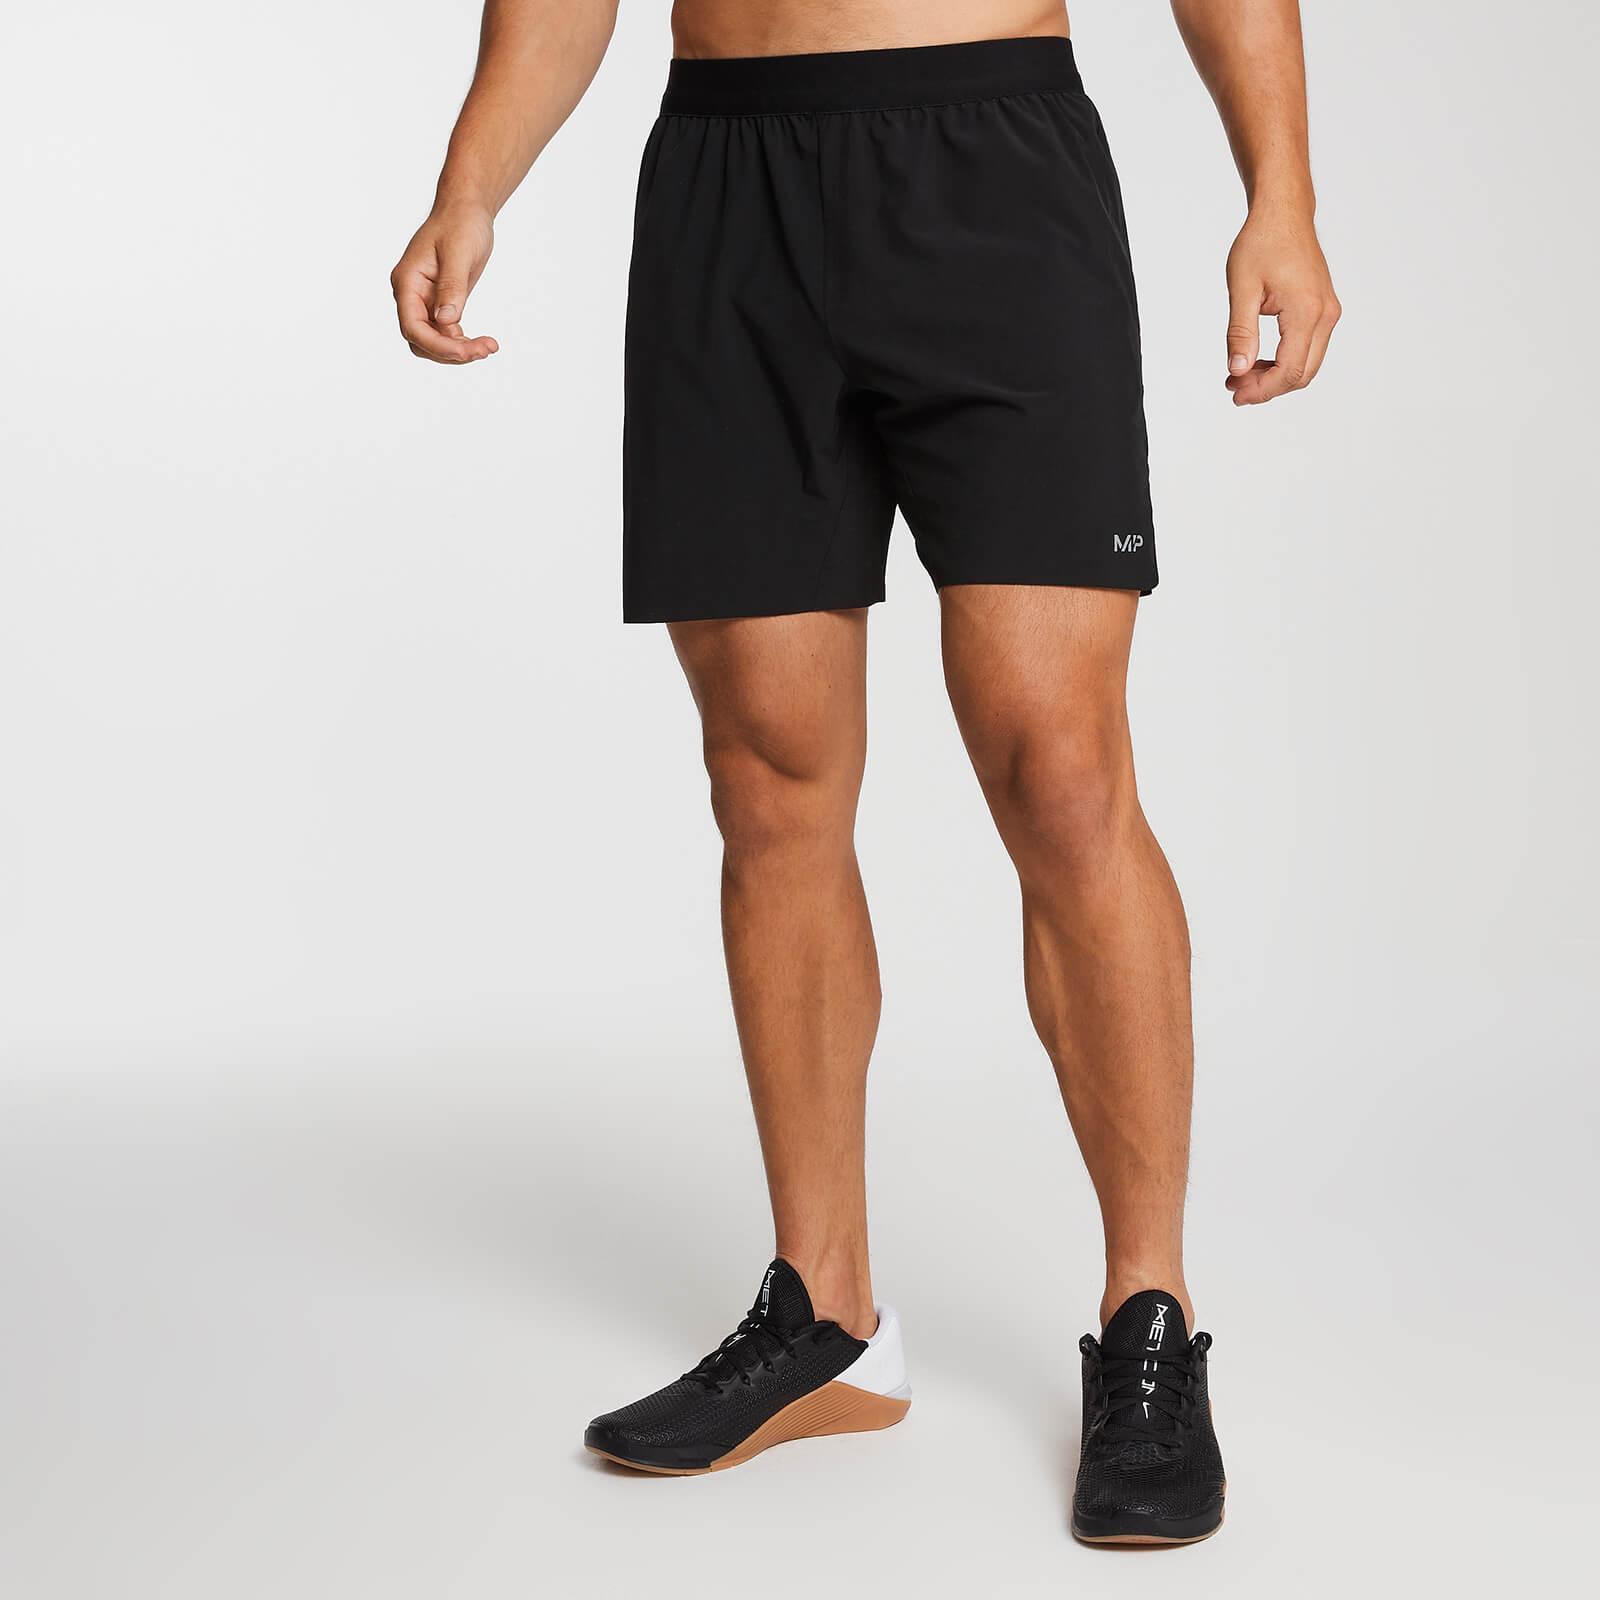 Mp Pantaloncini Best Training Essentials da uomo - Nero - XS